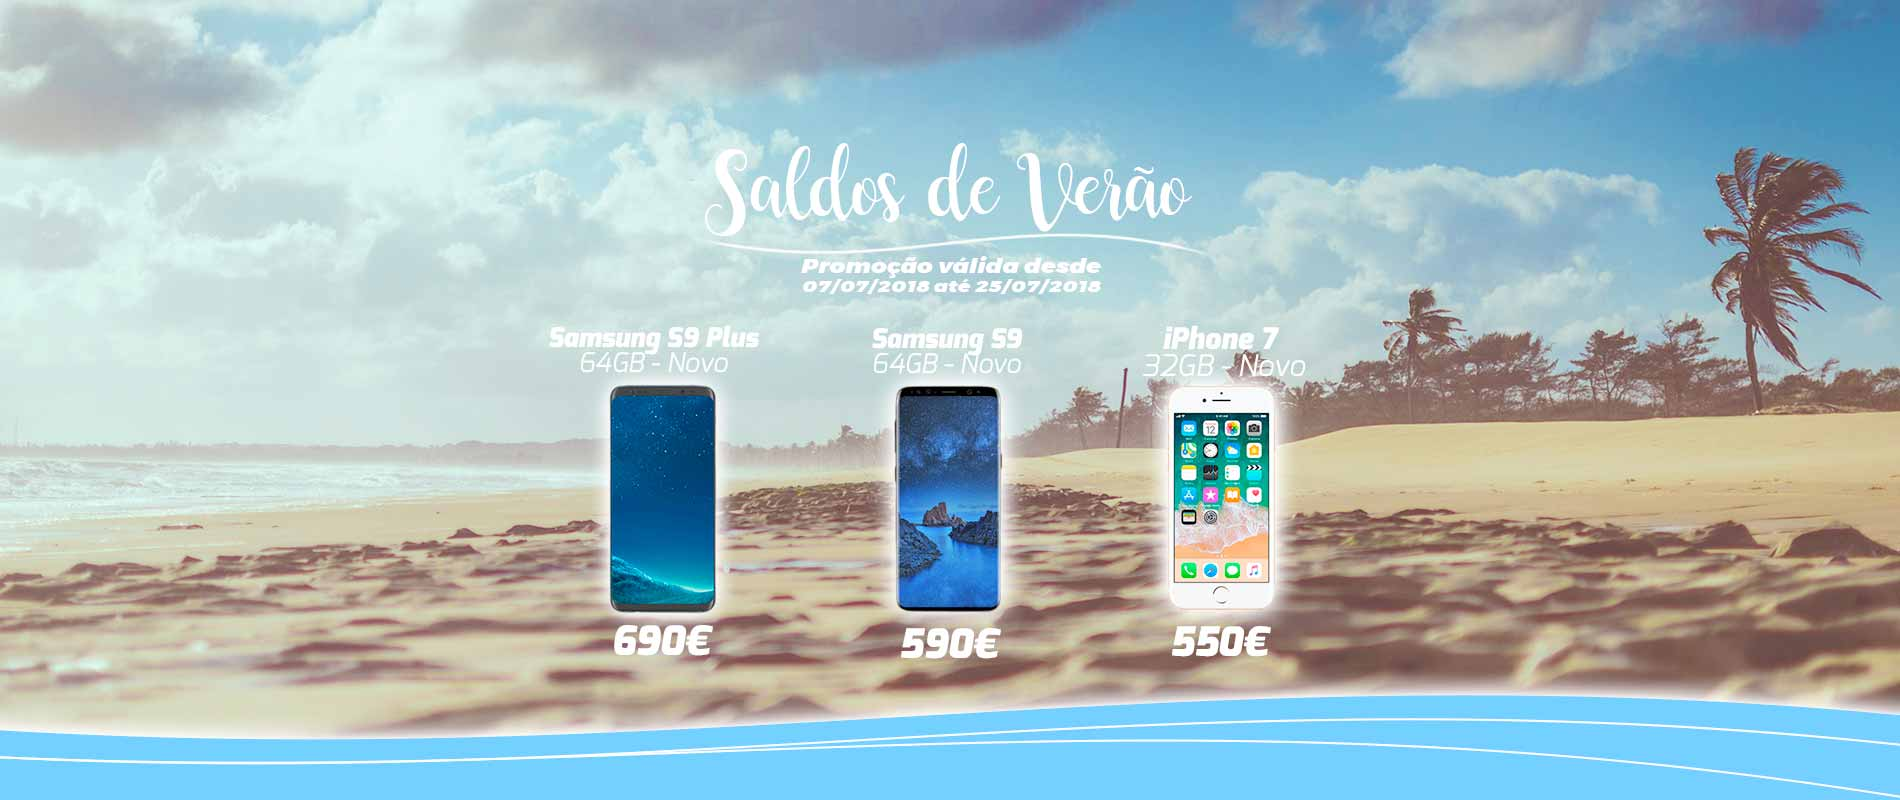 Gadget Hub – Saldos de Verão – Promoção iPhone 7 Samsung S9 Plus e Samsung S9 – Promoções Apple e Samsung em Lisboa